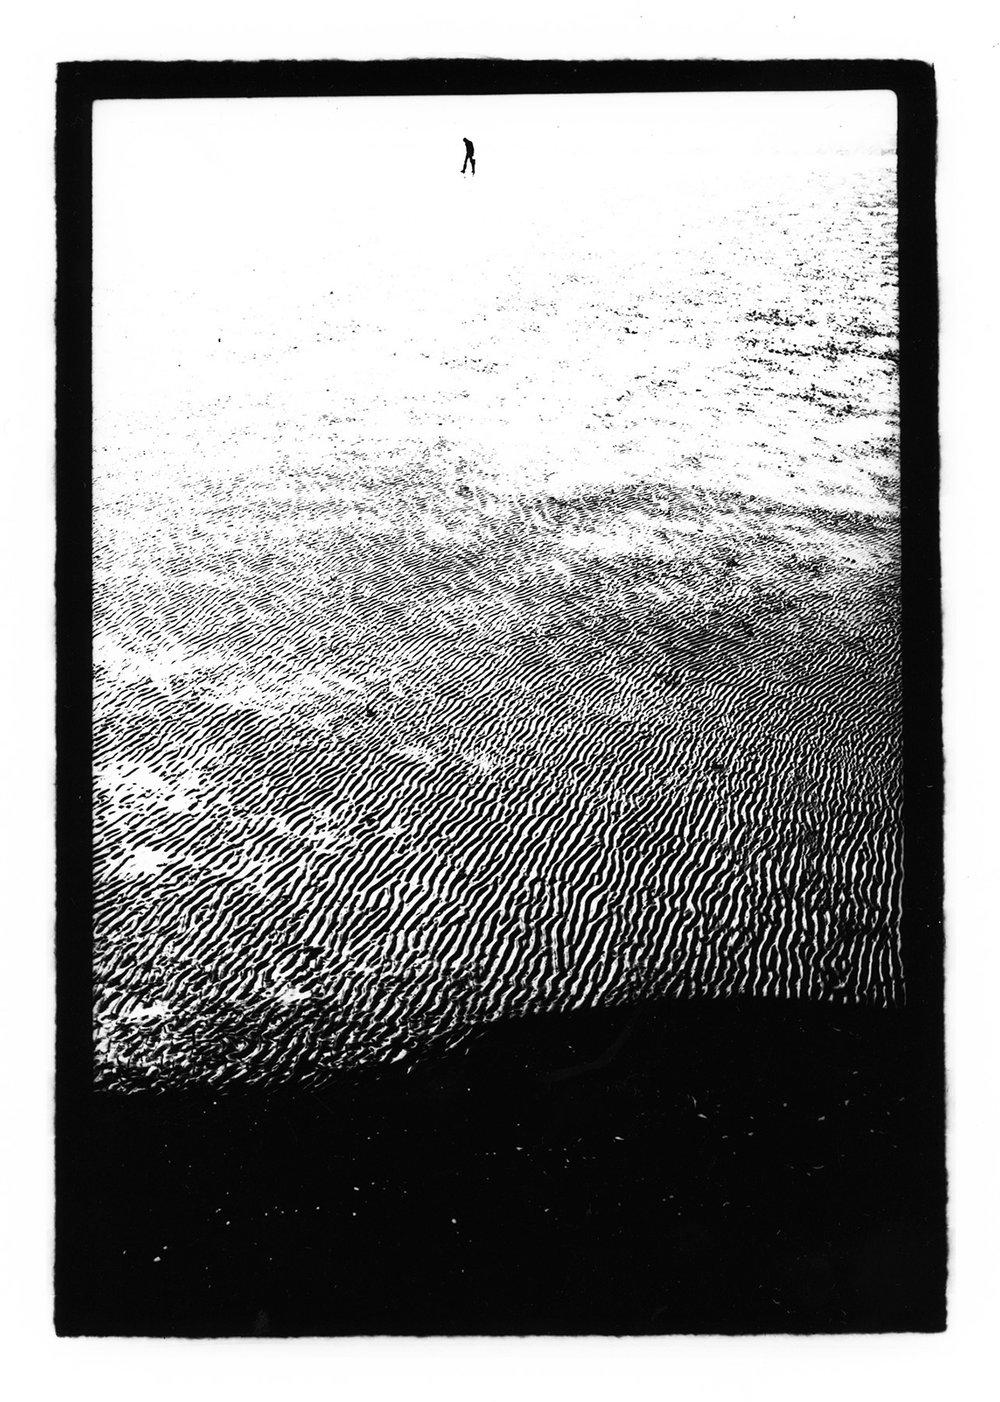 Torquay, 2000